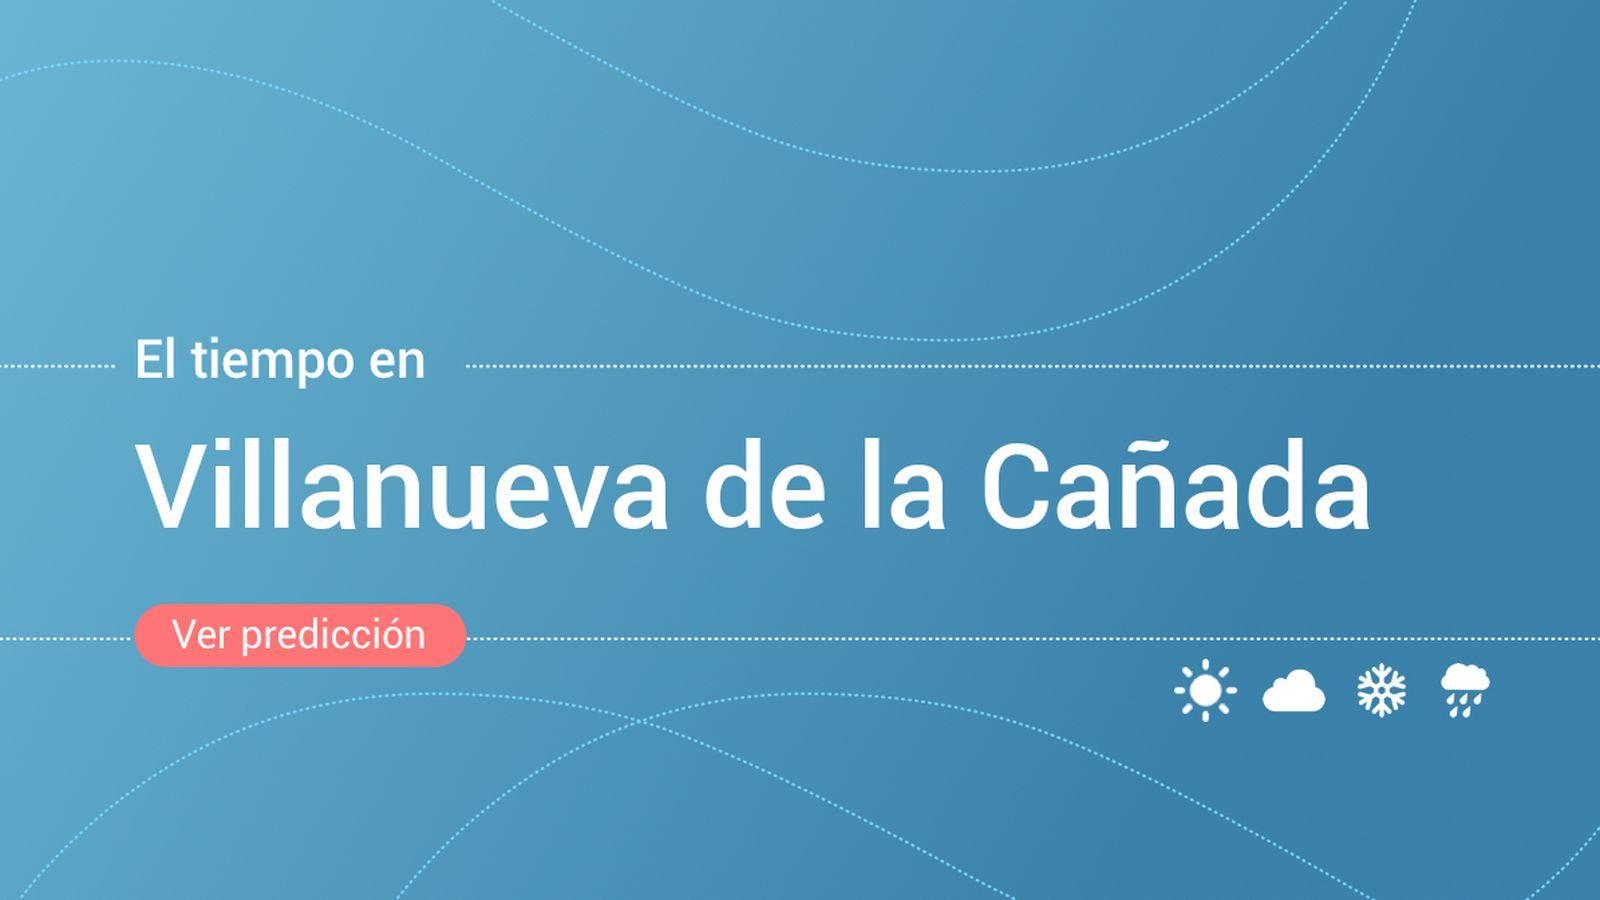 Foto: El tiempo en Villanueva de la Cañada. (EC)